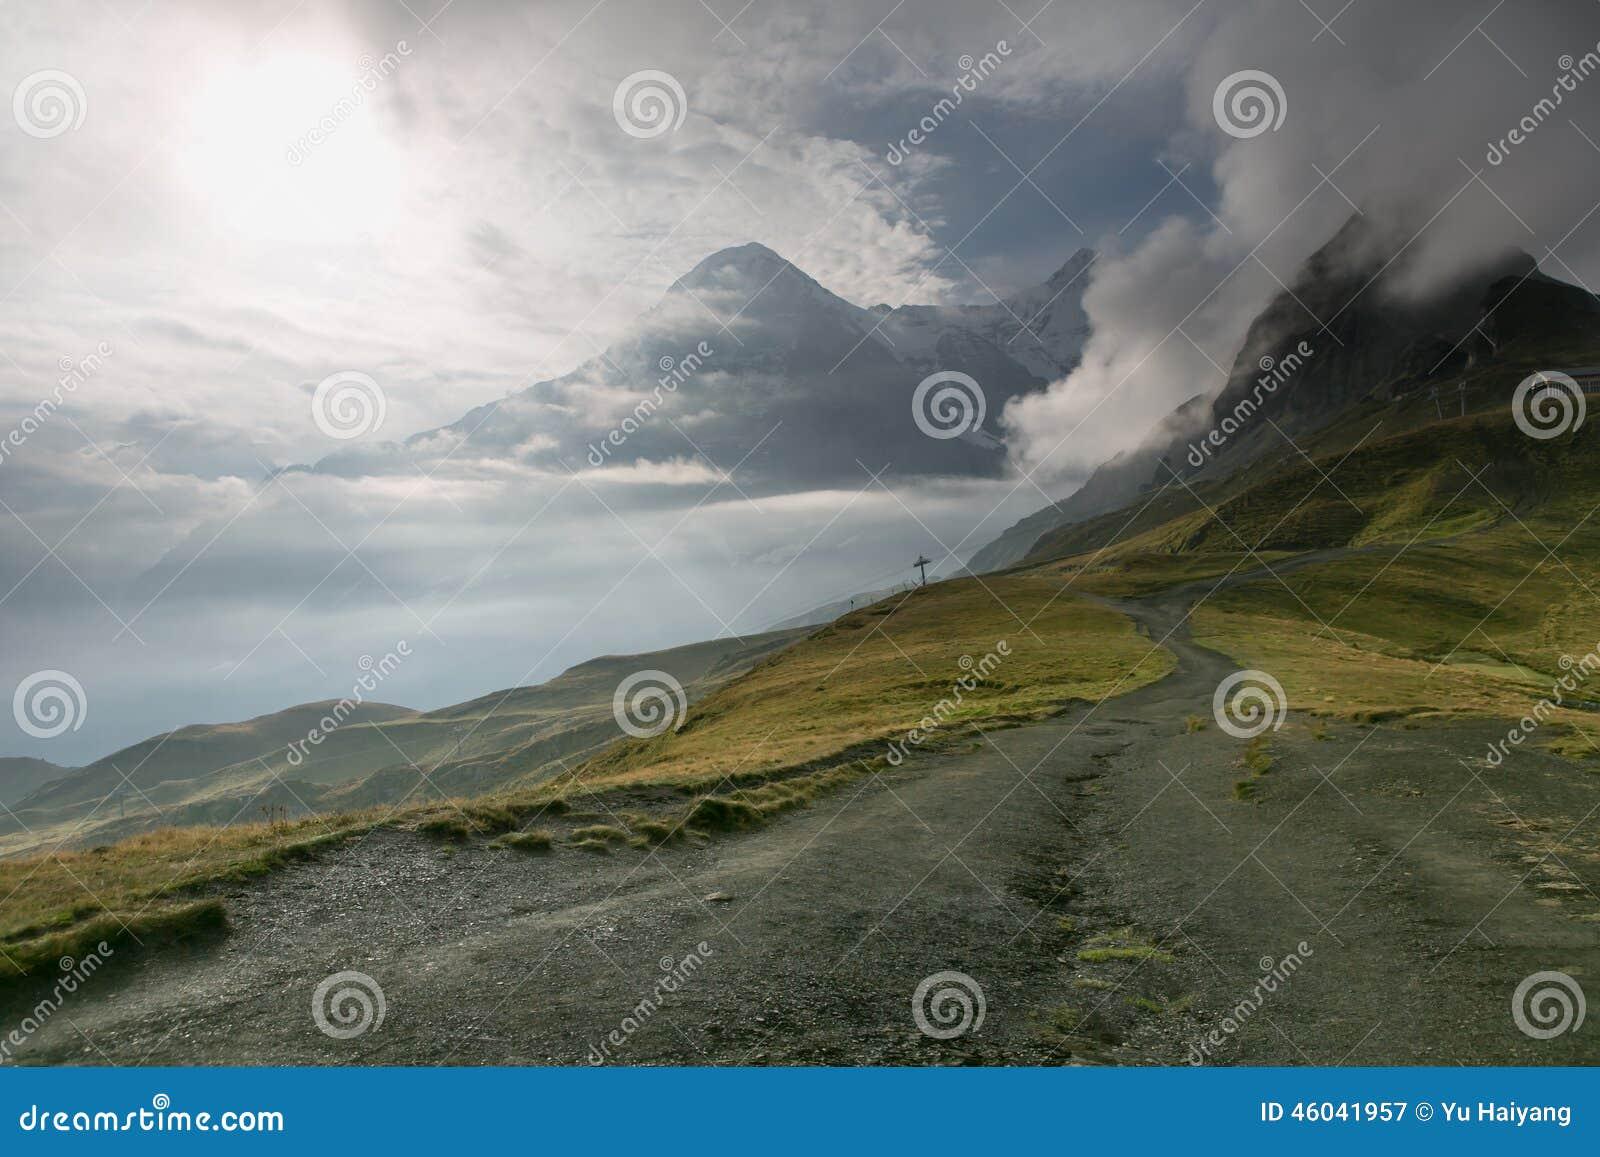 La niebla cubrió la montaña de las montañas